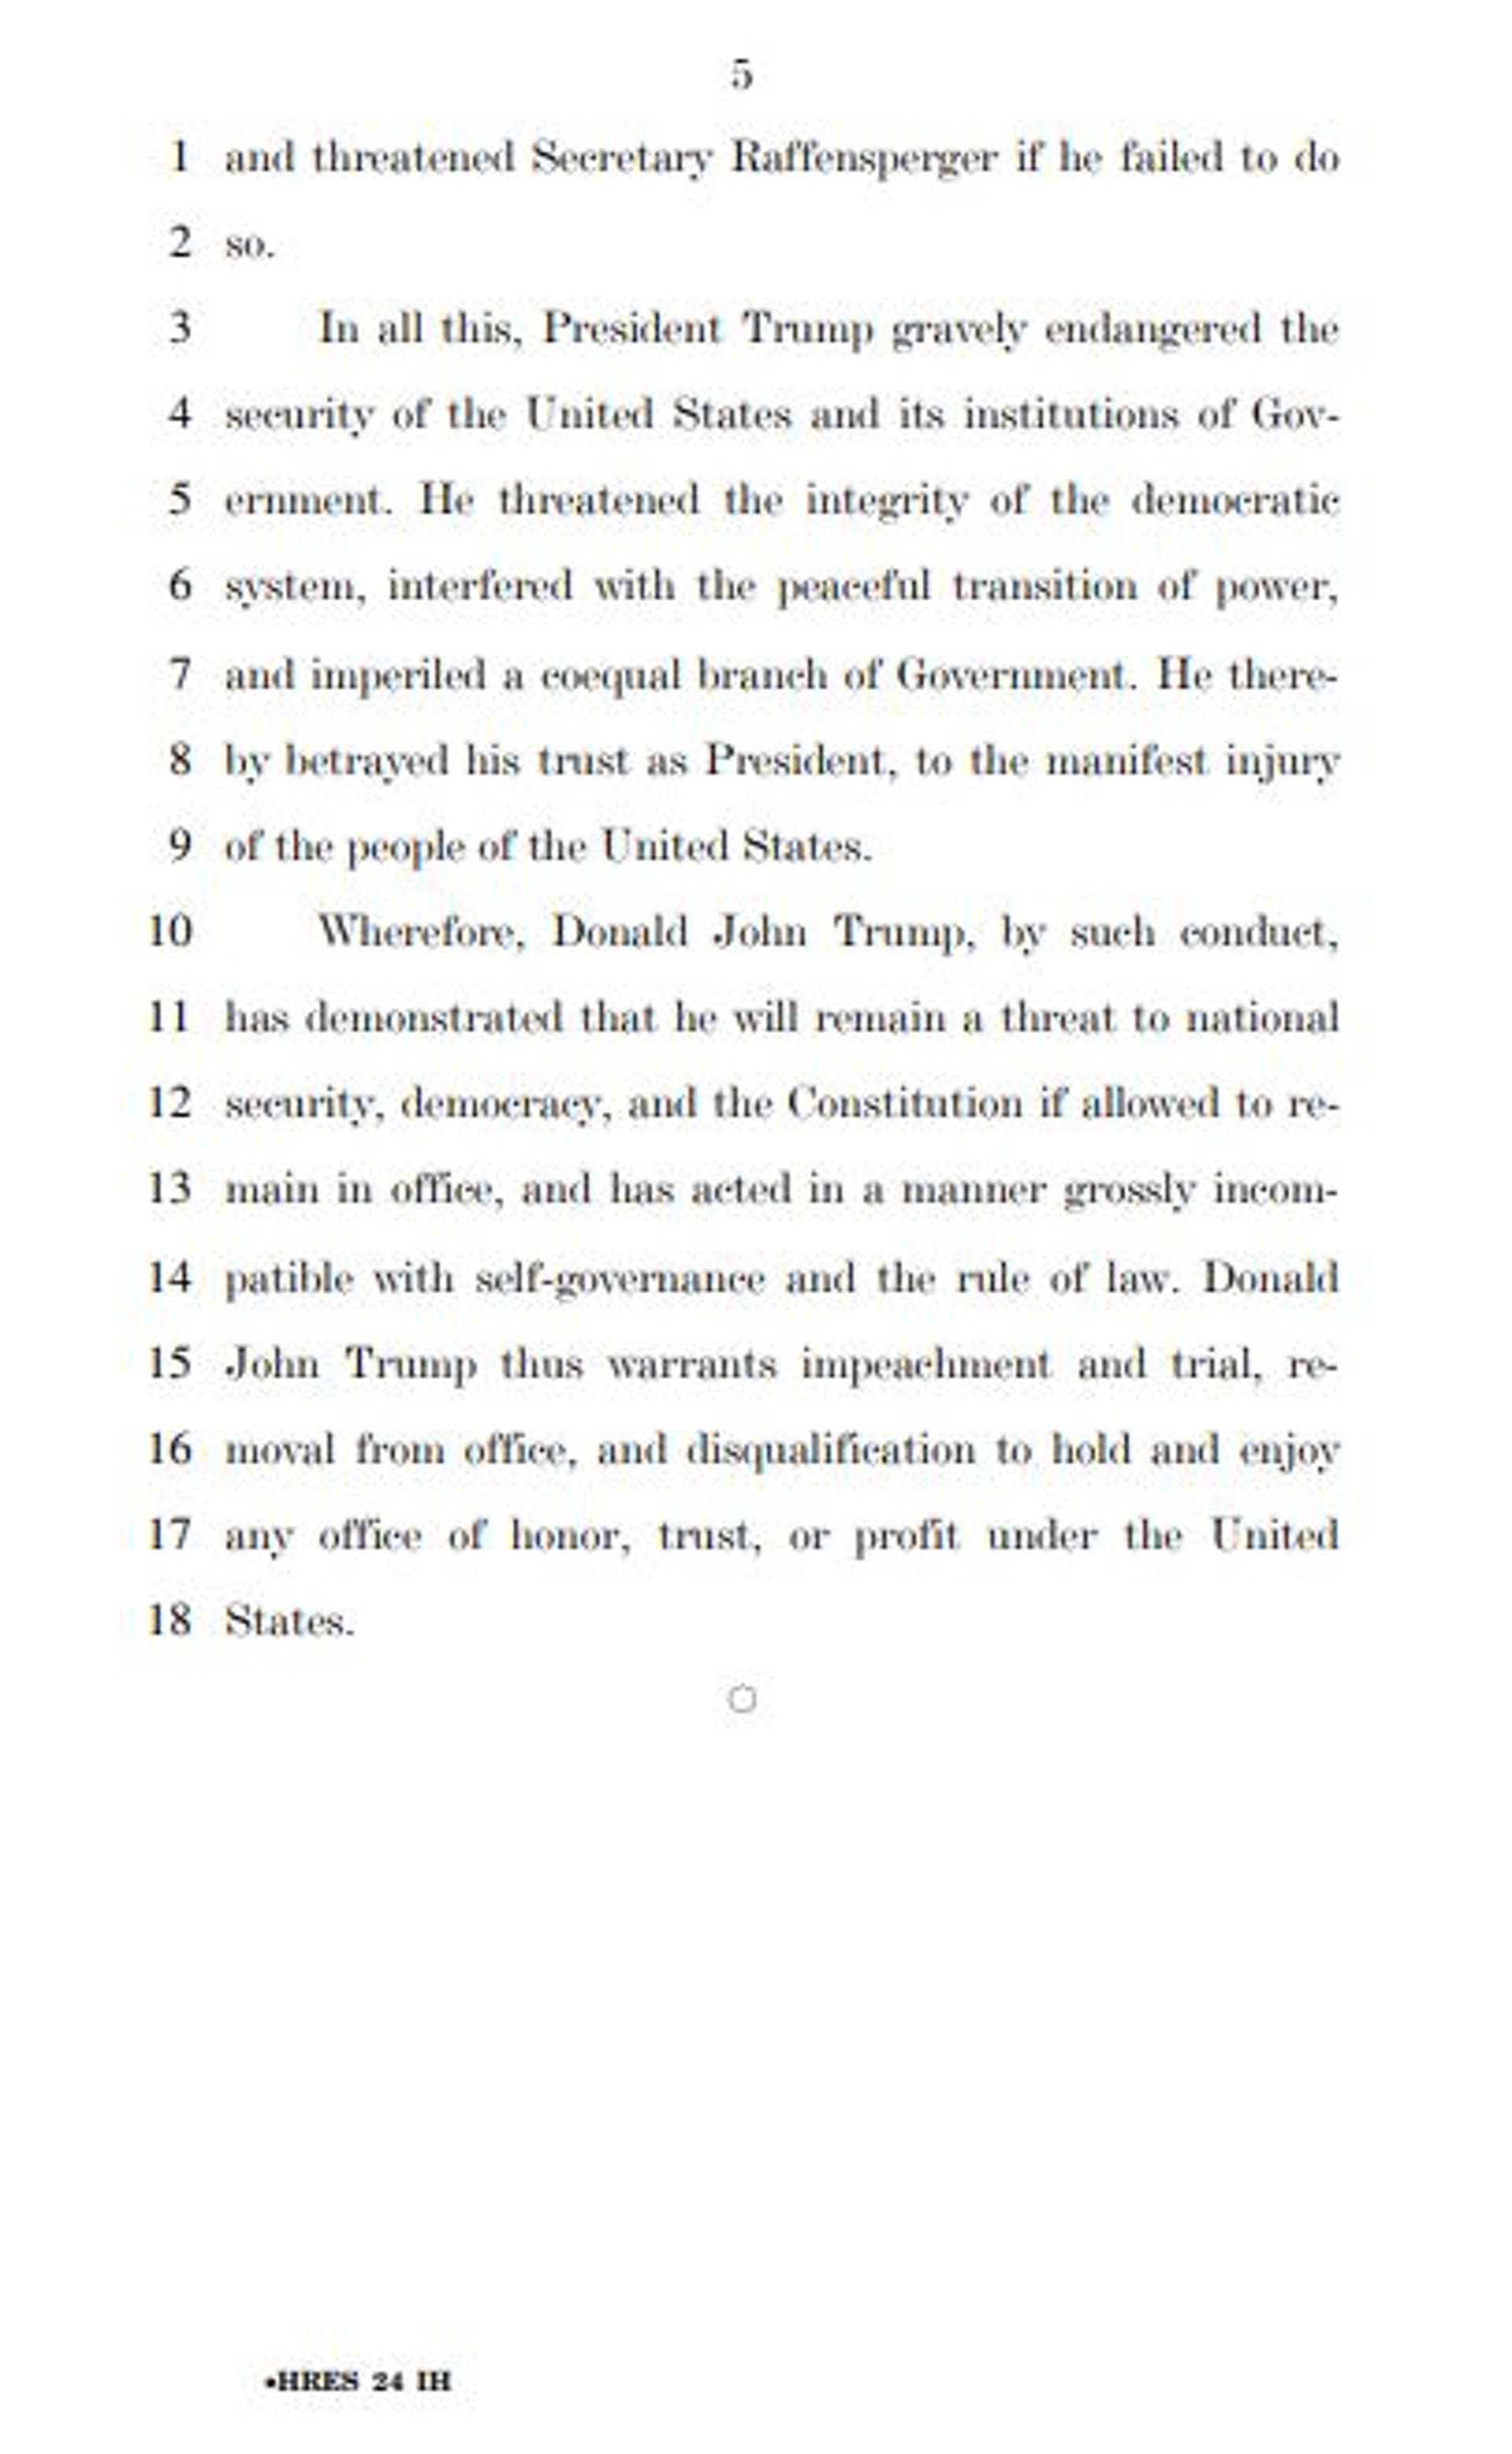 弹劾议案全文 美国式民主如何踢走总统?